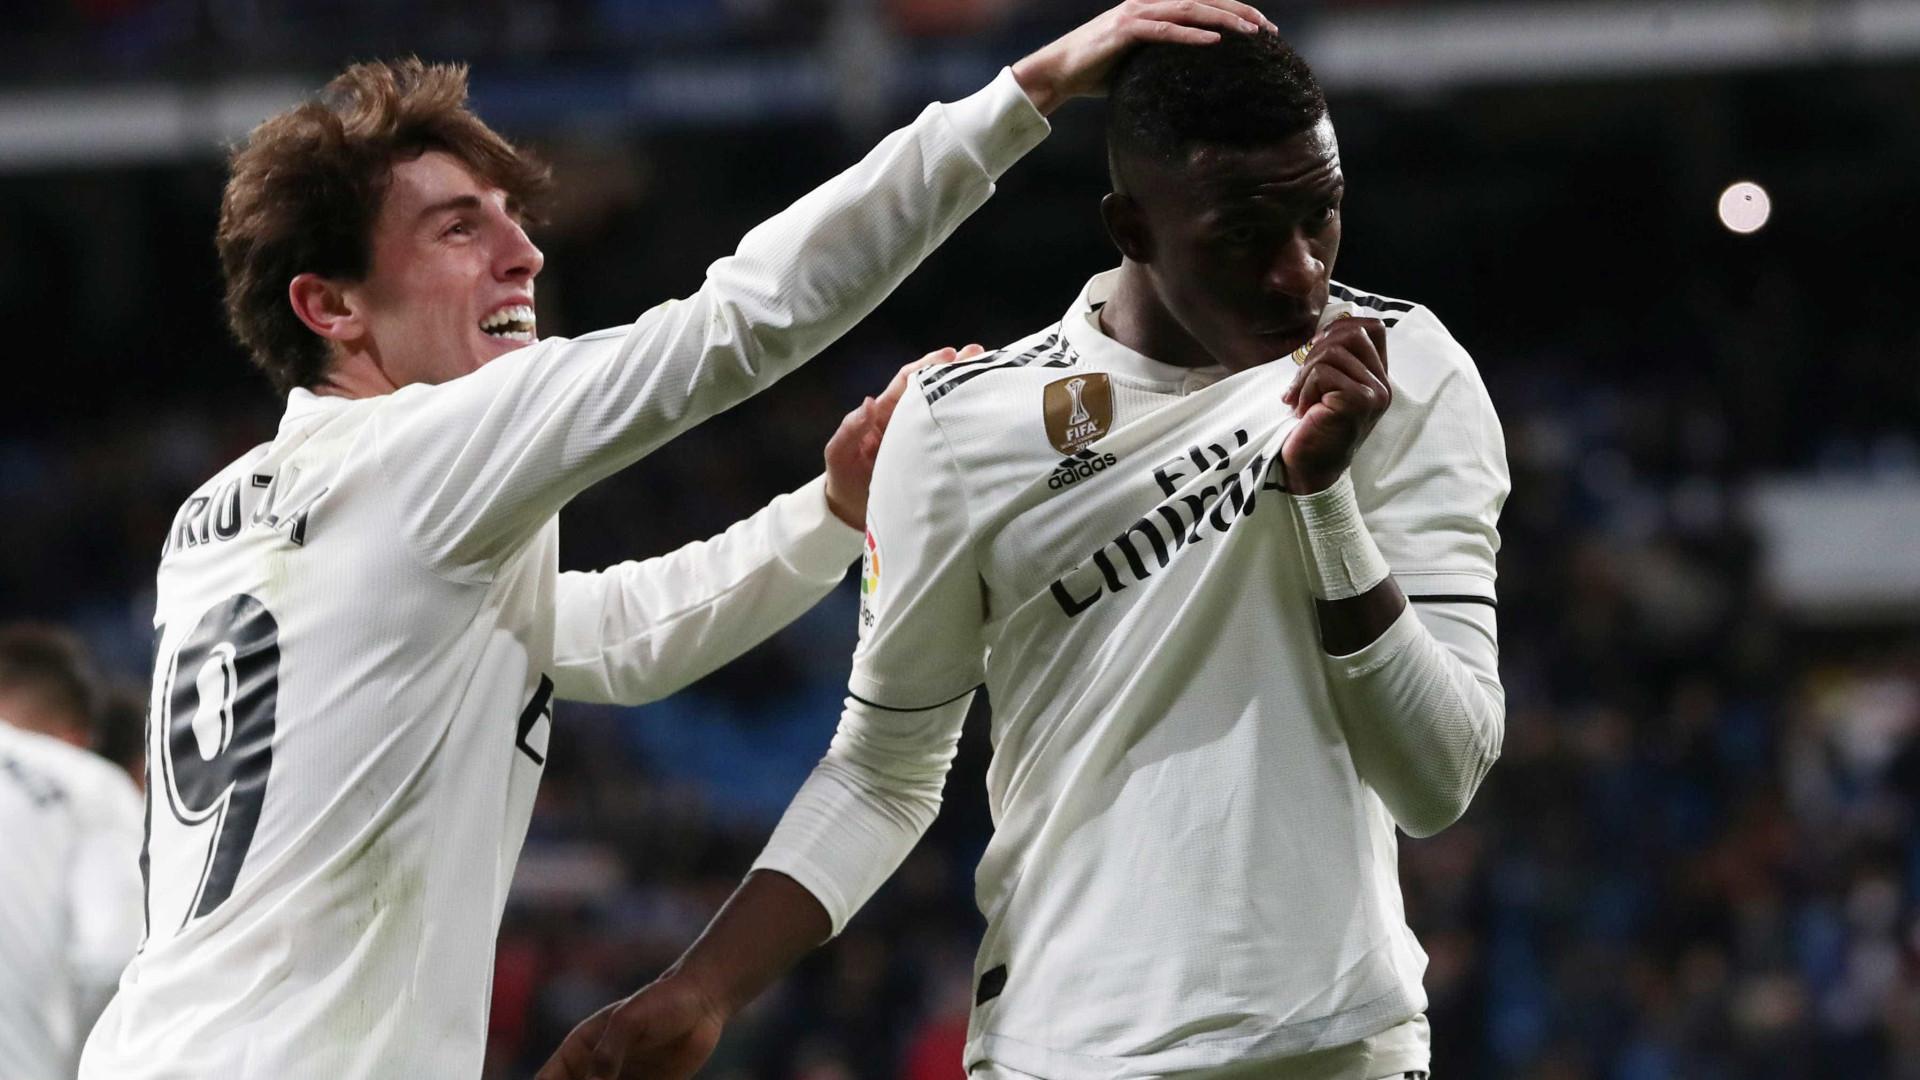 Veja o golaço de Vinícius Jr. na vitória do Real Madrid sobre o Leganés